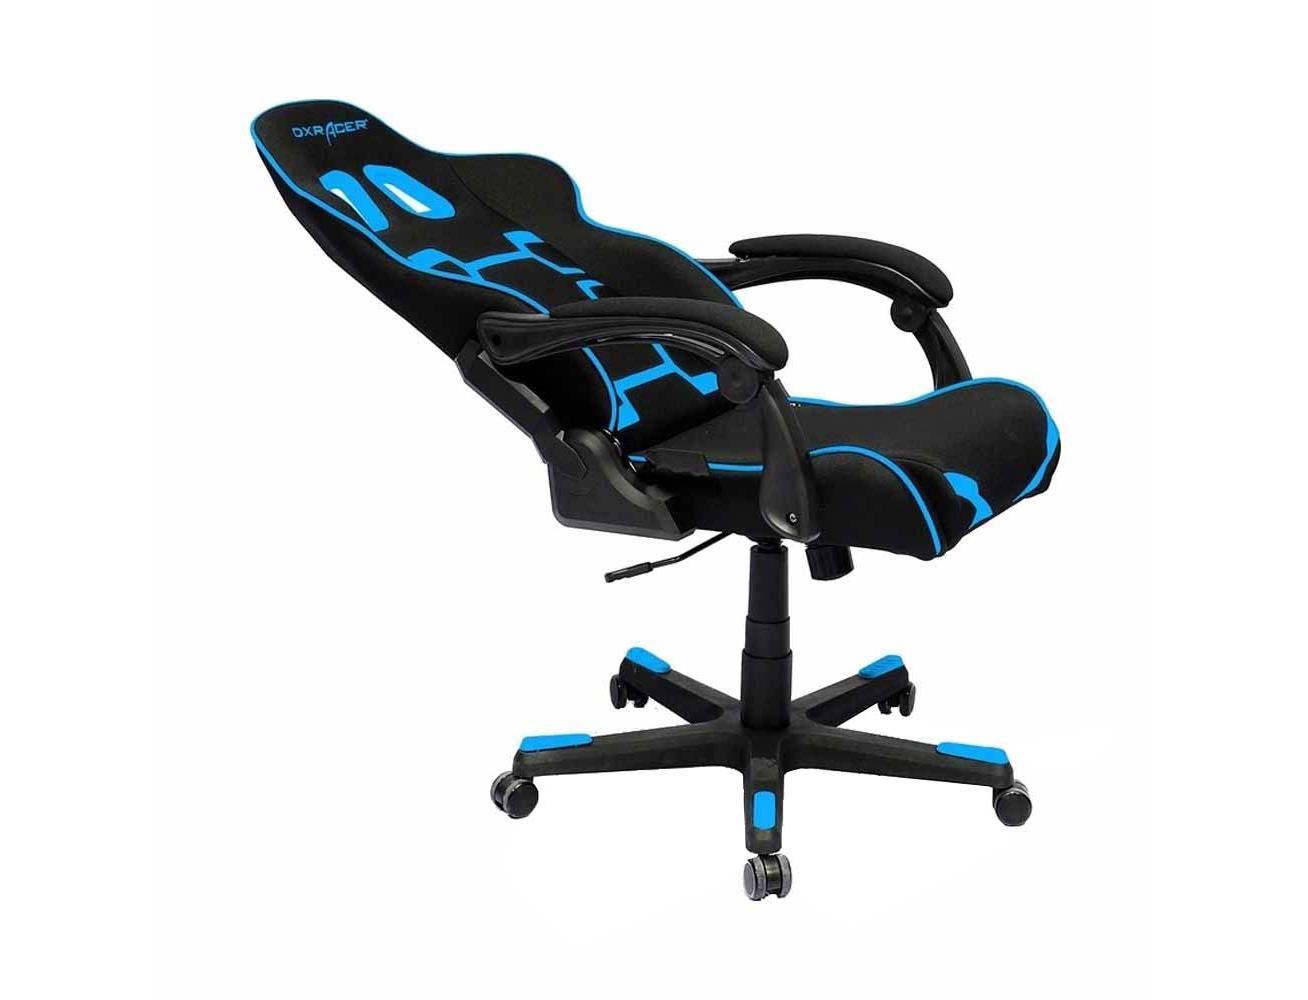 DXRacer Origin Series Gaming Chair Black / Blue| Blink Kuwait